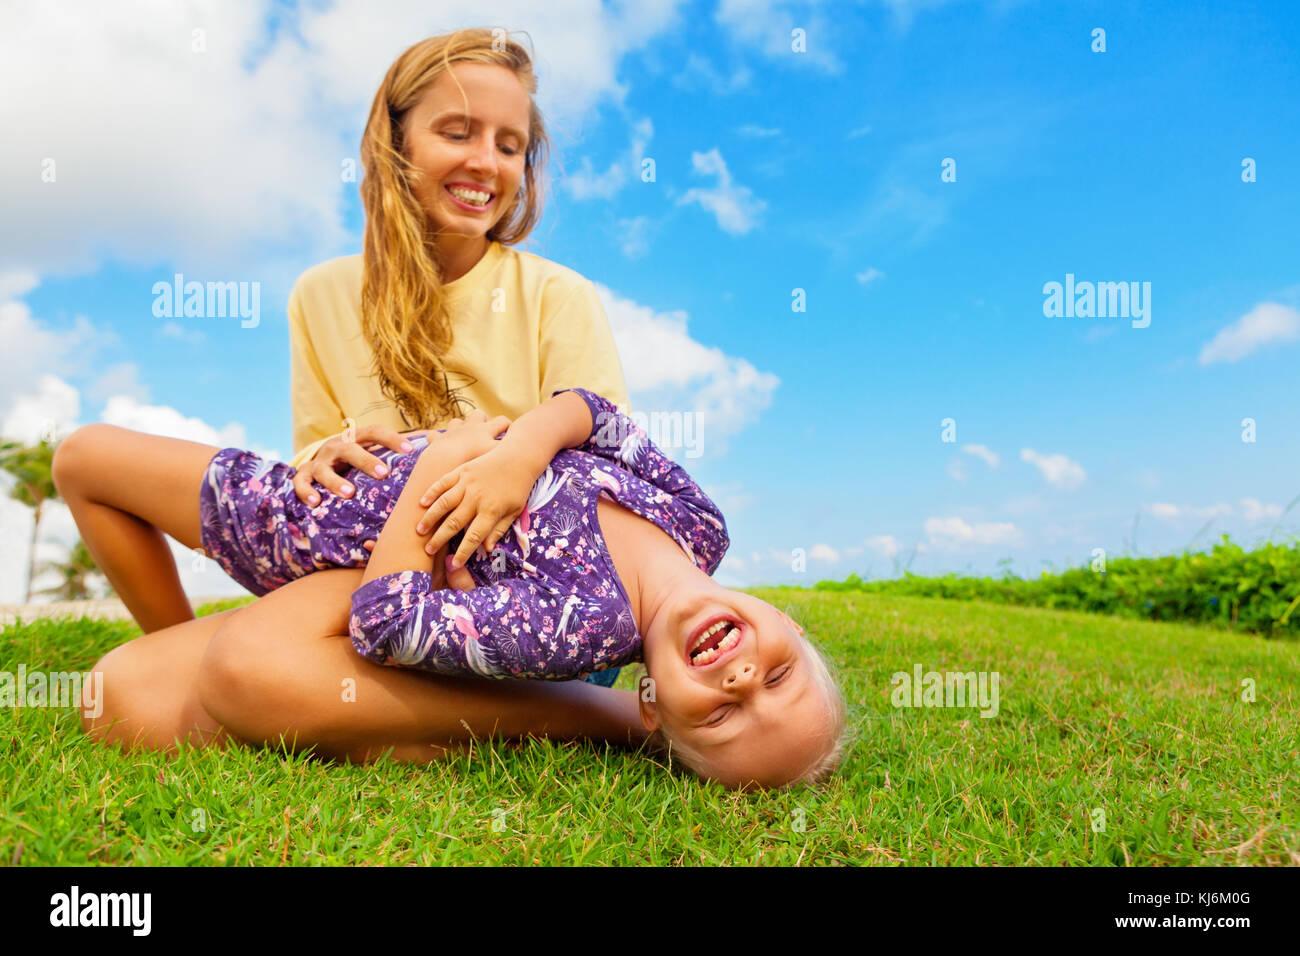 Familia feliz sobre la hierba verde. Niño divertirse fuera andando - madre cosquilleo gracioso hijo acostado Imagen De Stock